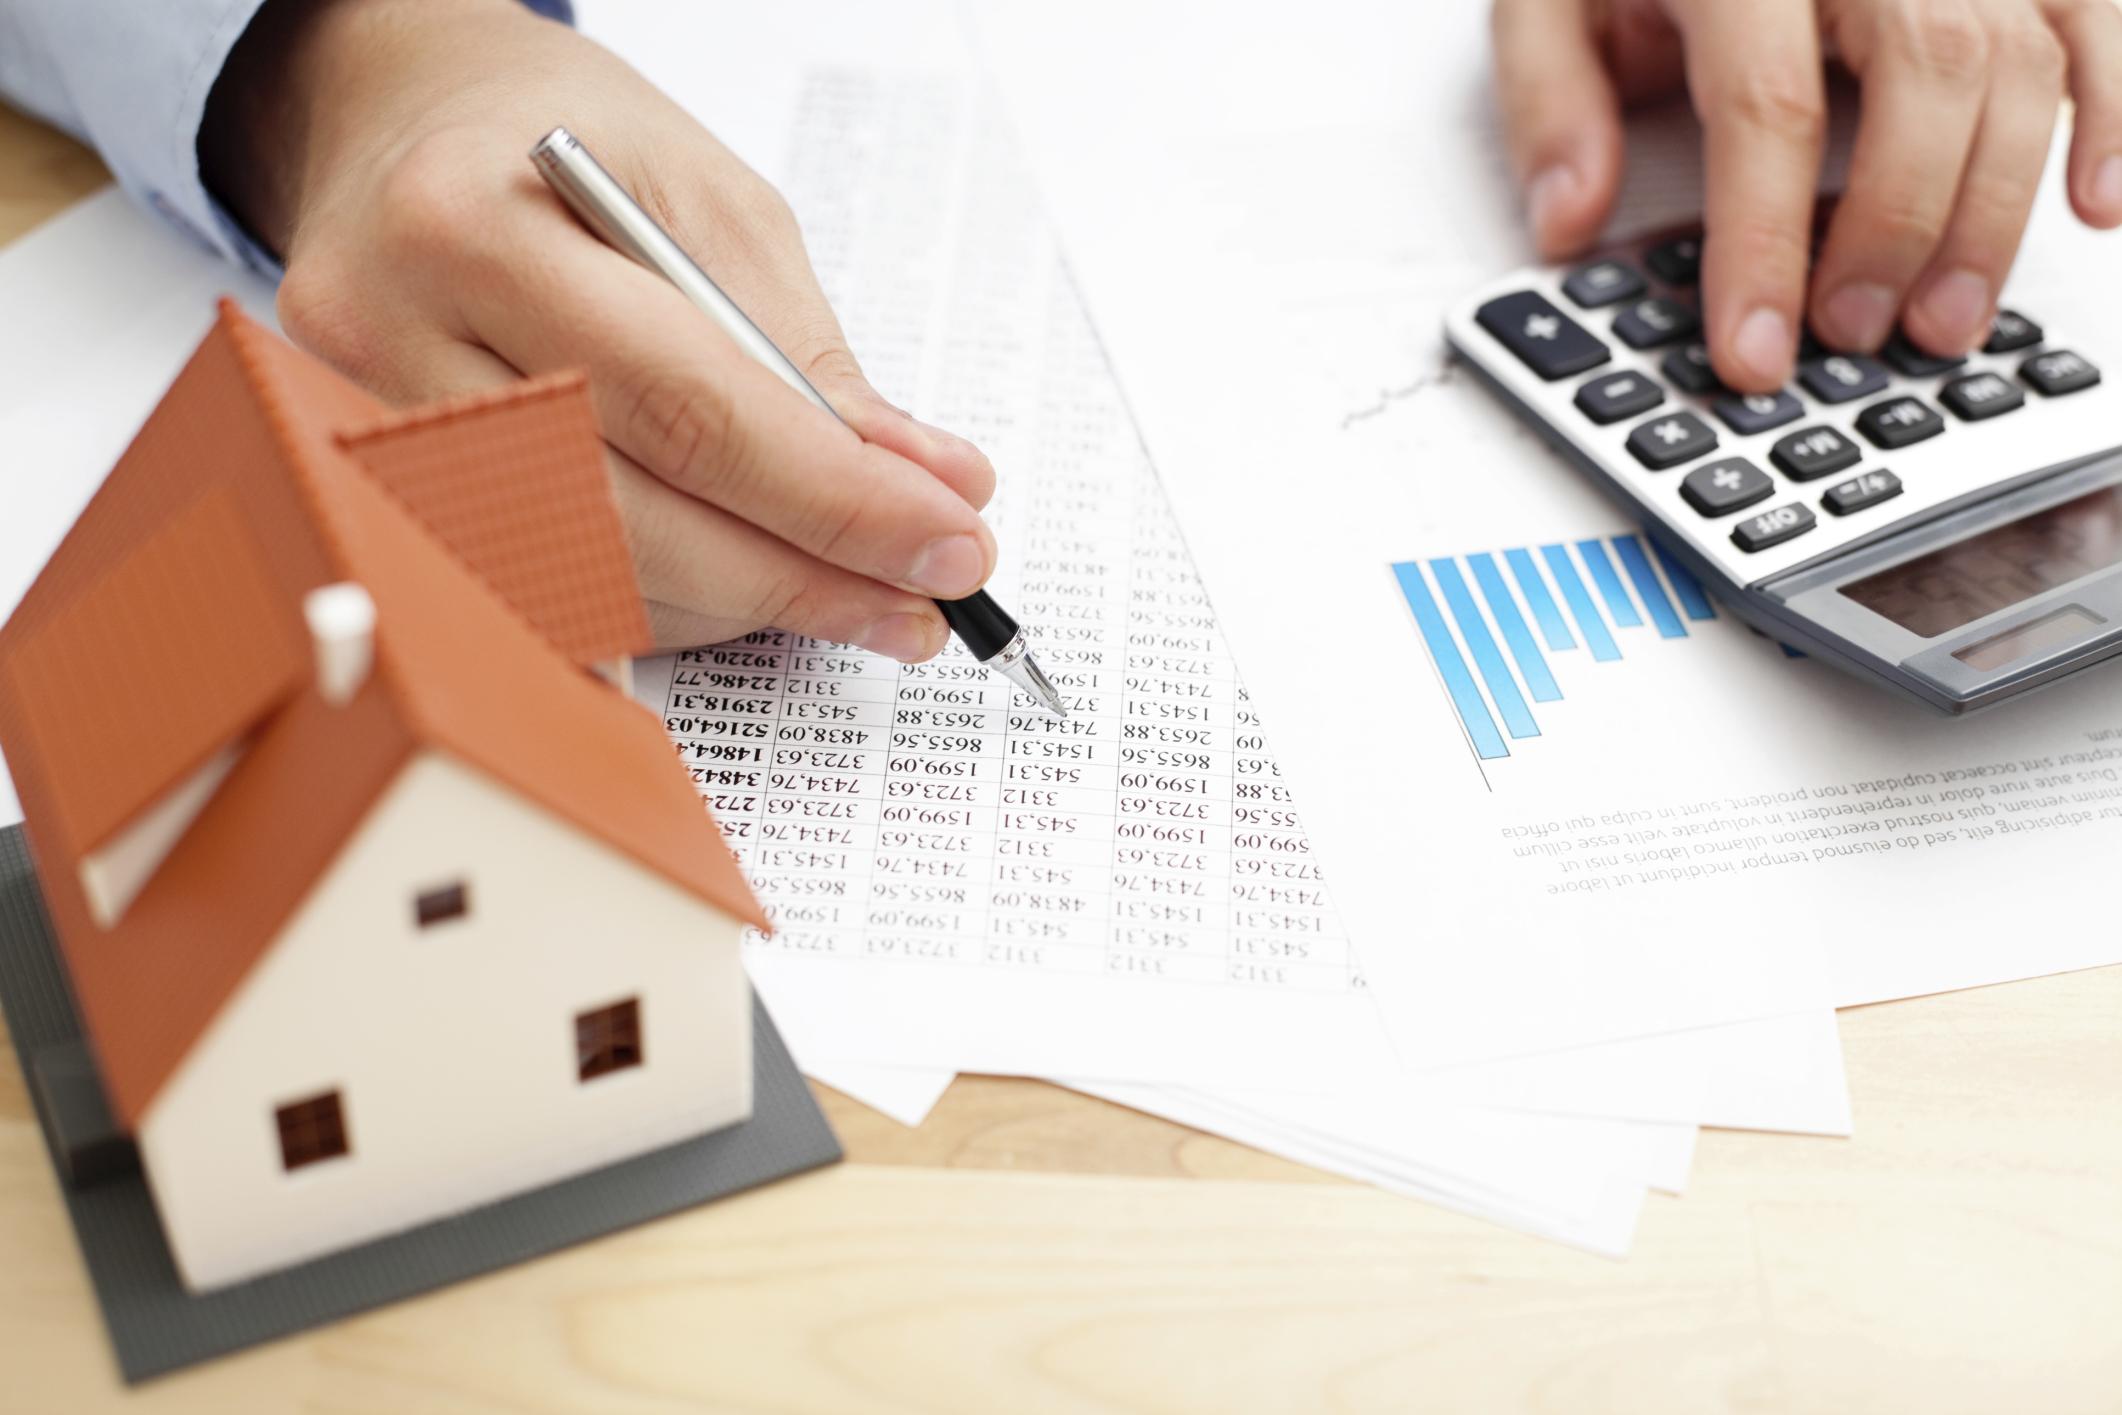 Брокер ипотечный кредит какие нужны документы для получения кредита в отп банке